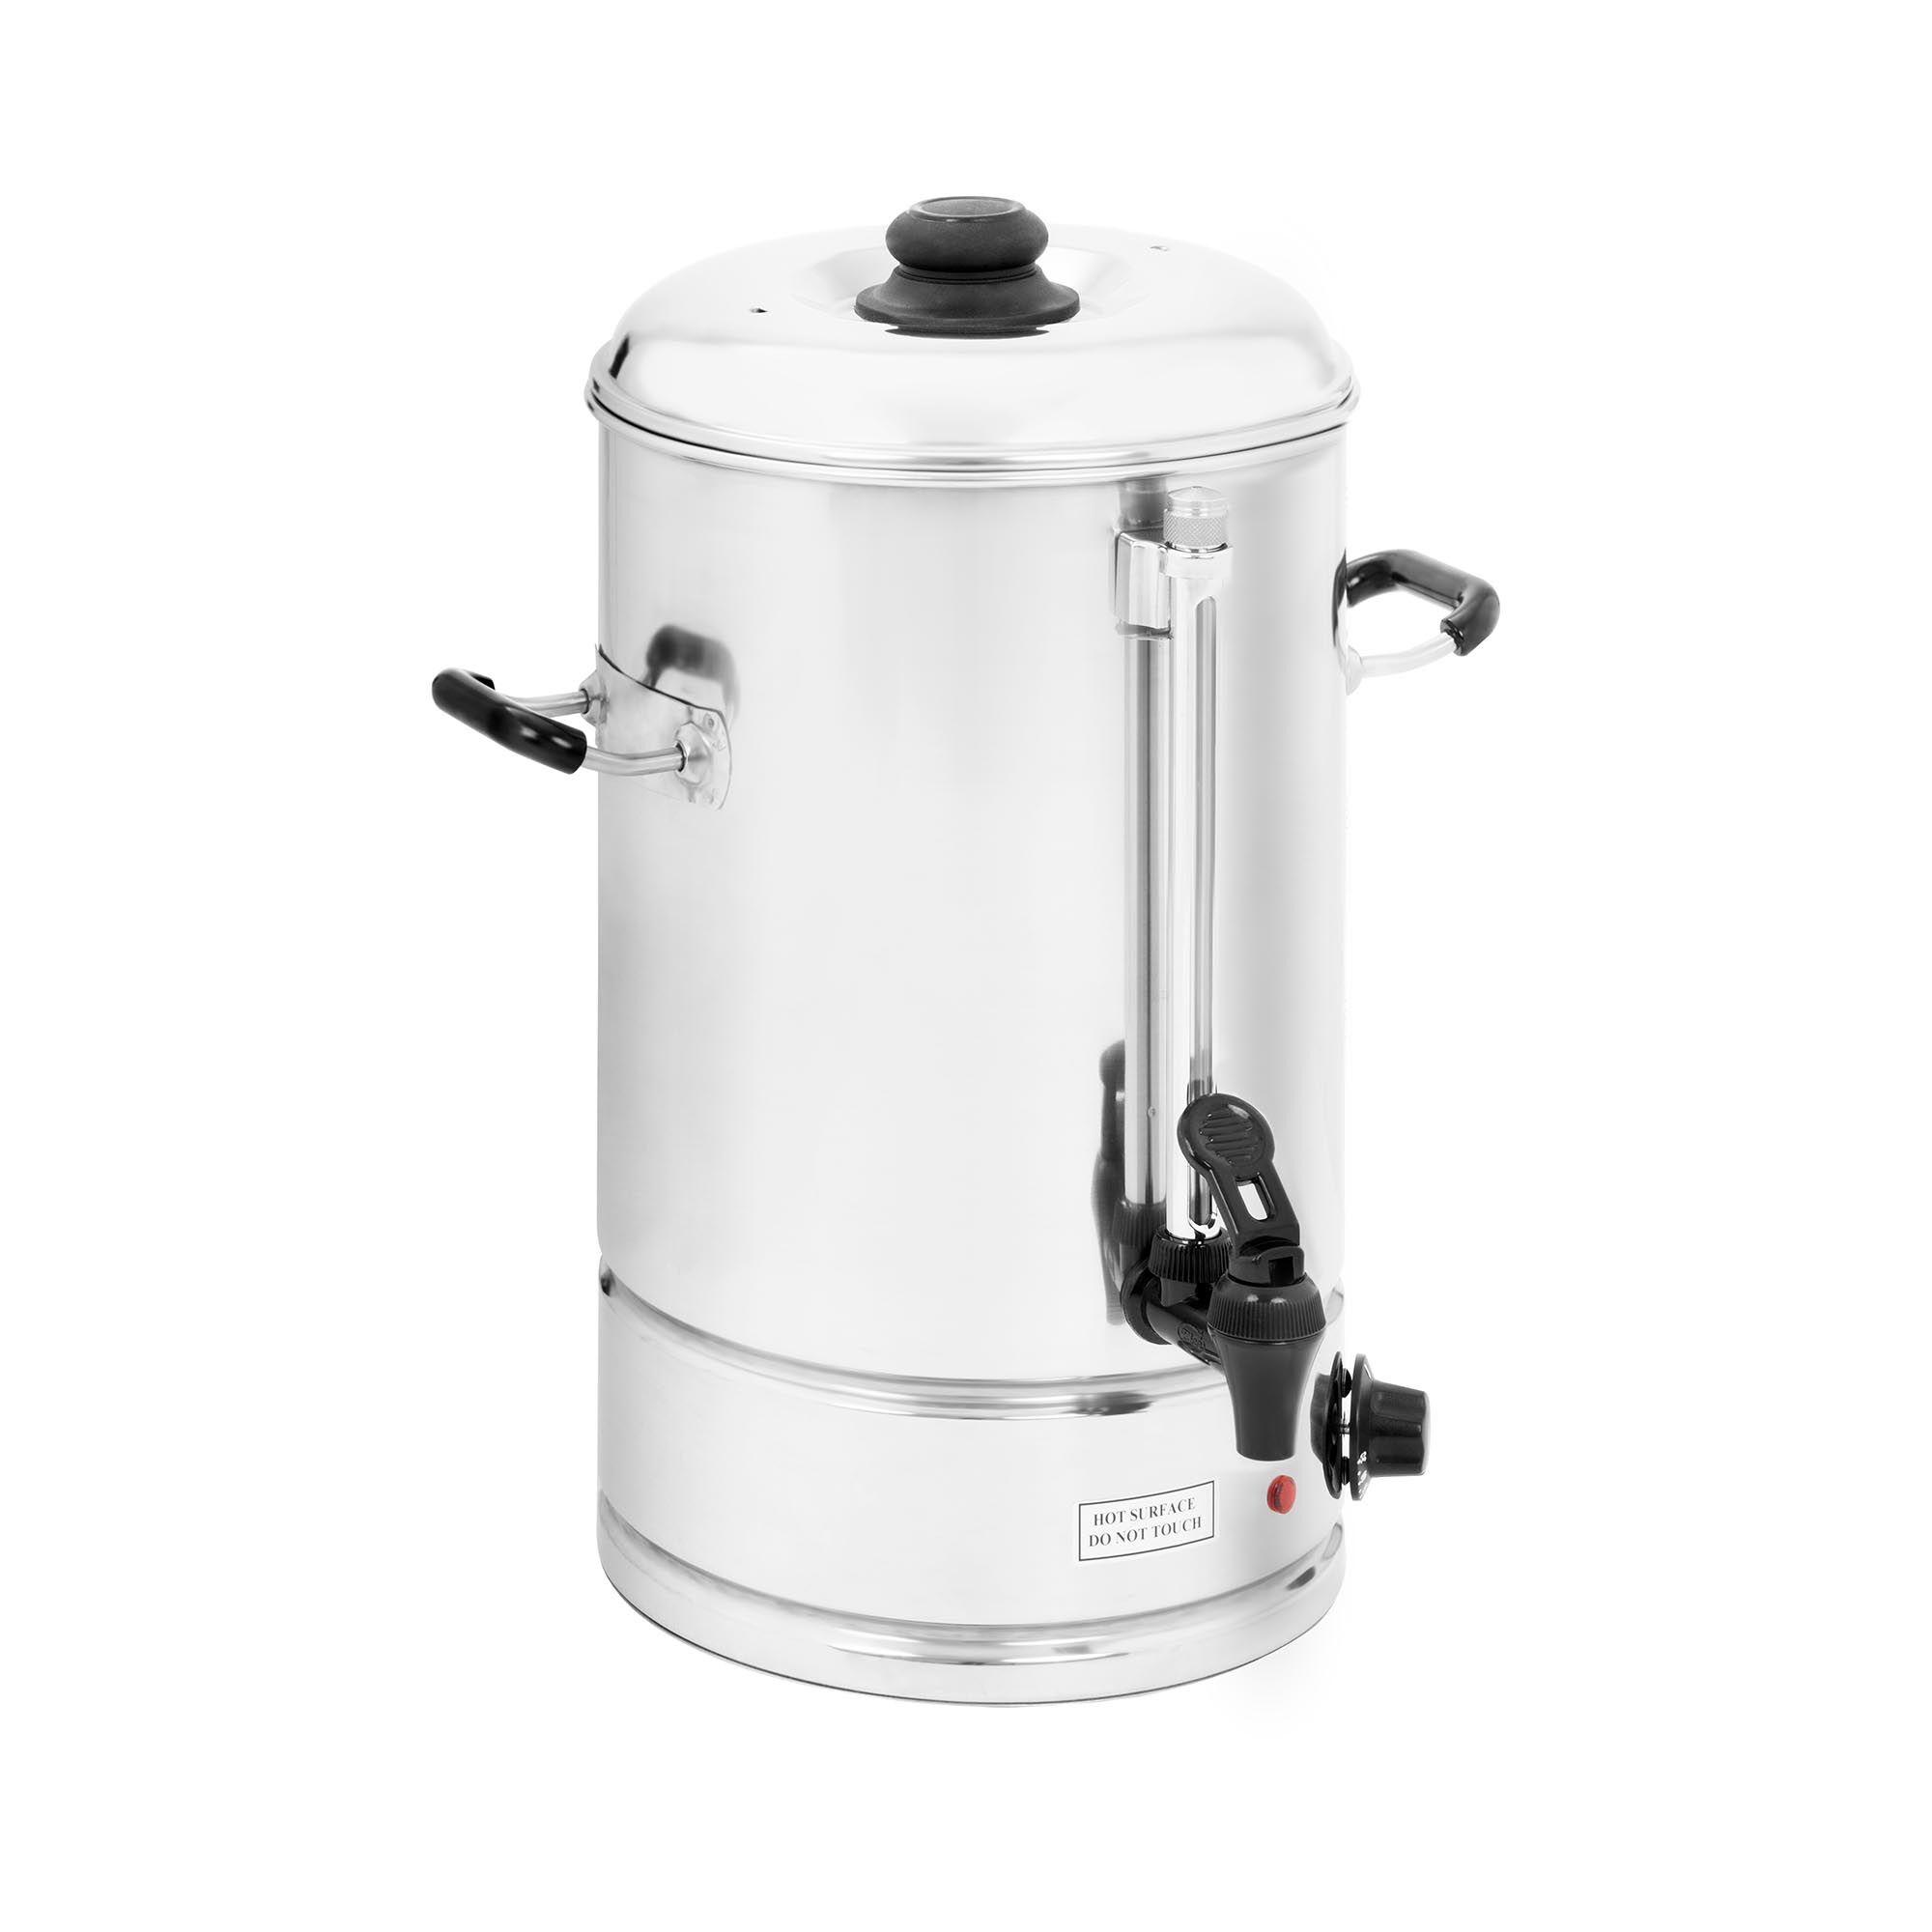 Royal Catering Distributeur d'eau chaude - 10 litres RCWK 10L.